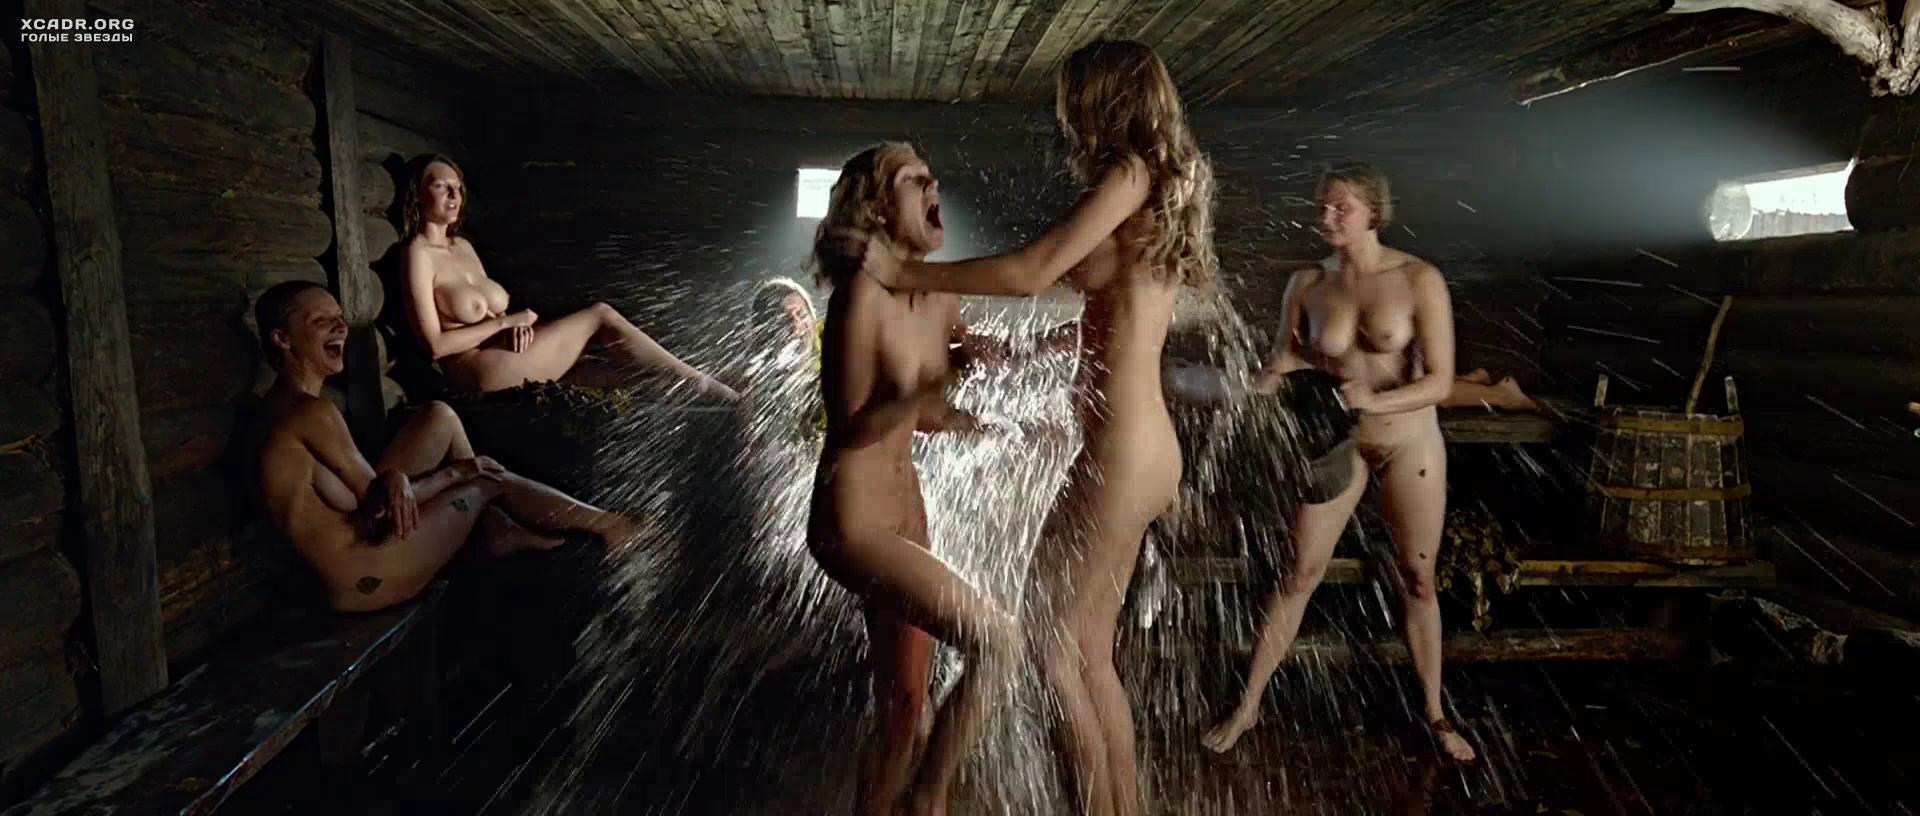 тока голые девушки из фильмов видео остальное время катькой